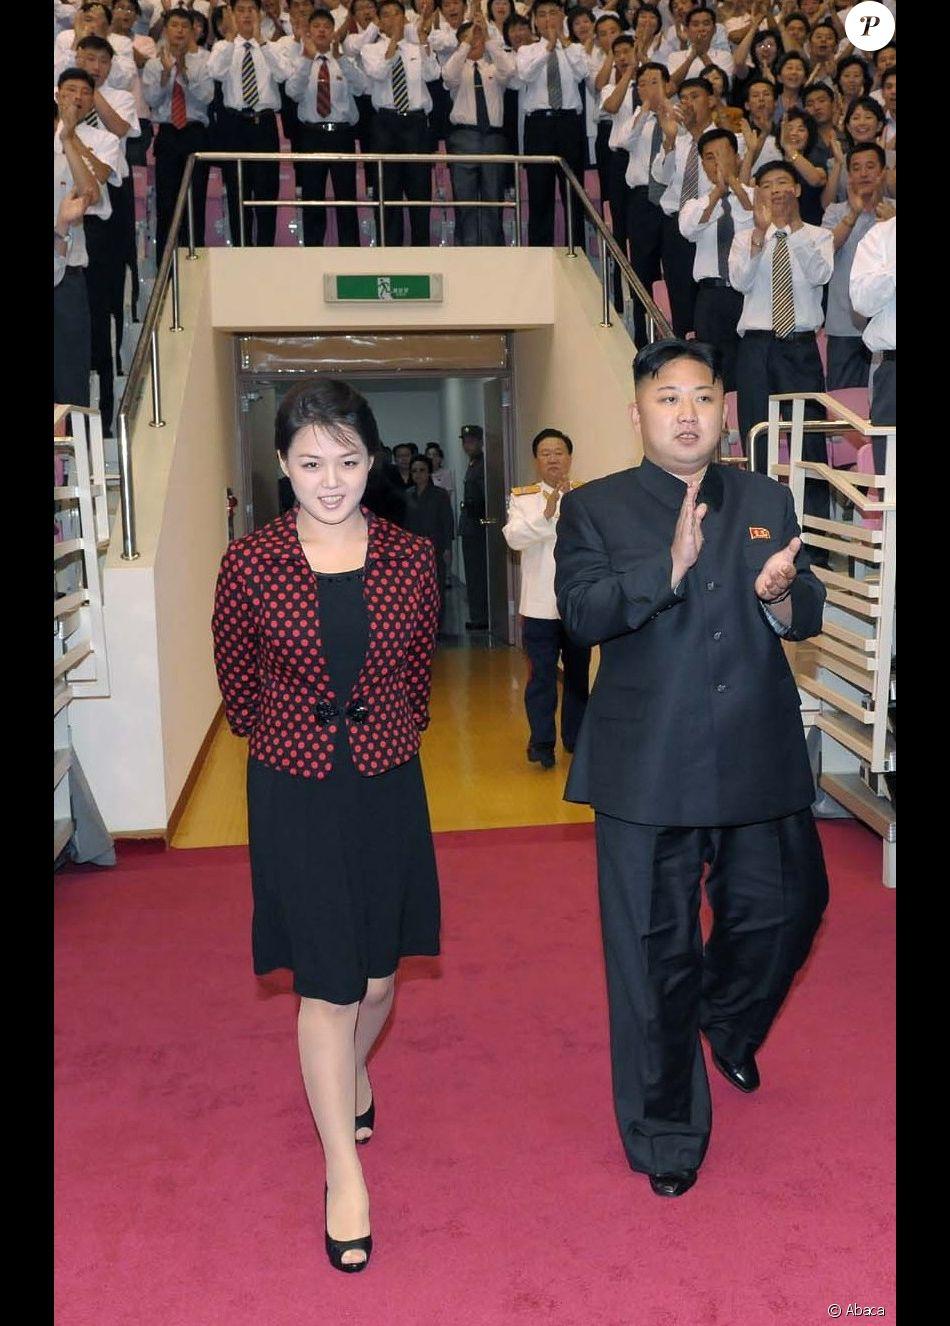 Le président nord-coréen Kim Jong-un et son épouse Ri Sol-ju lors d'une apparition à Pyongyang, le 31 juillet 2012.